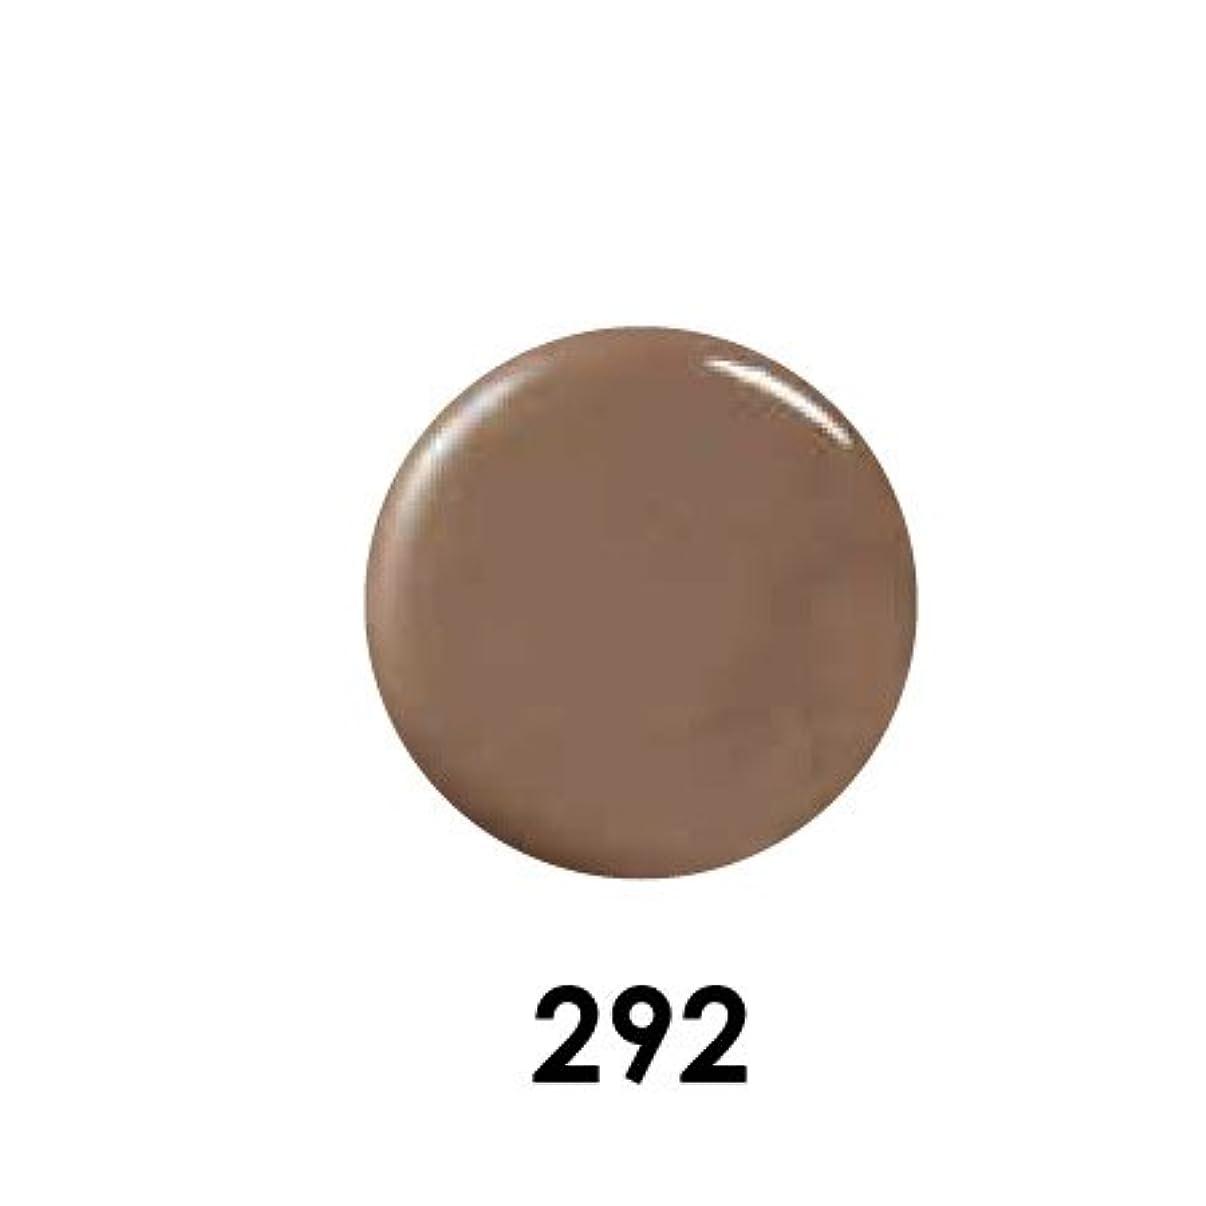 広範囲保守的とティームPutiel プティール カラージェル 292 ジプシーブラウン 2g (MARIEプロデュース)